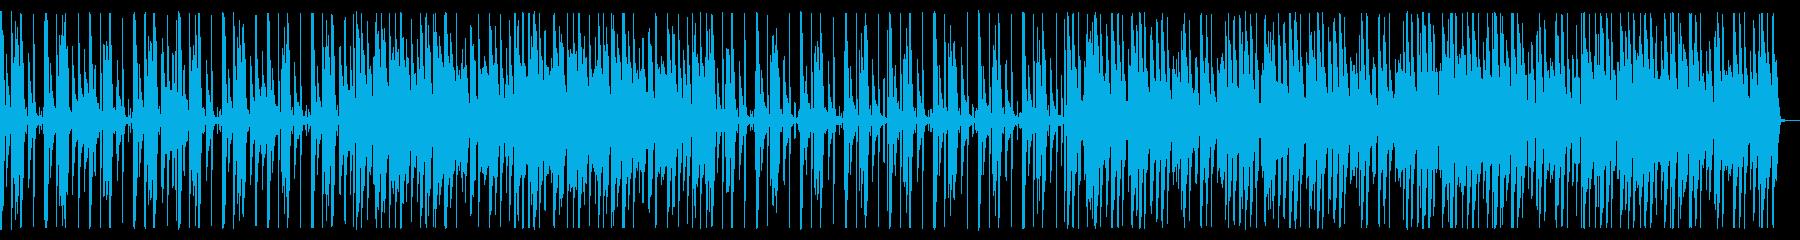 ほのぼの切ない_No660_1の再生済みの波形